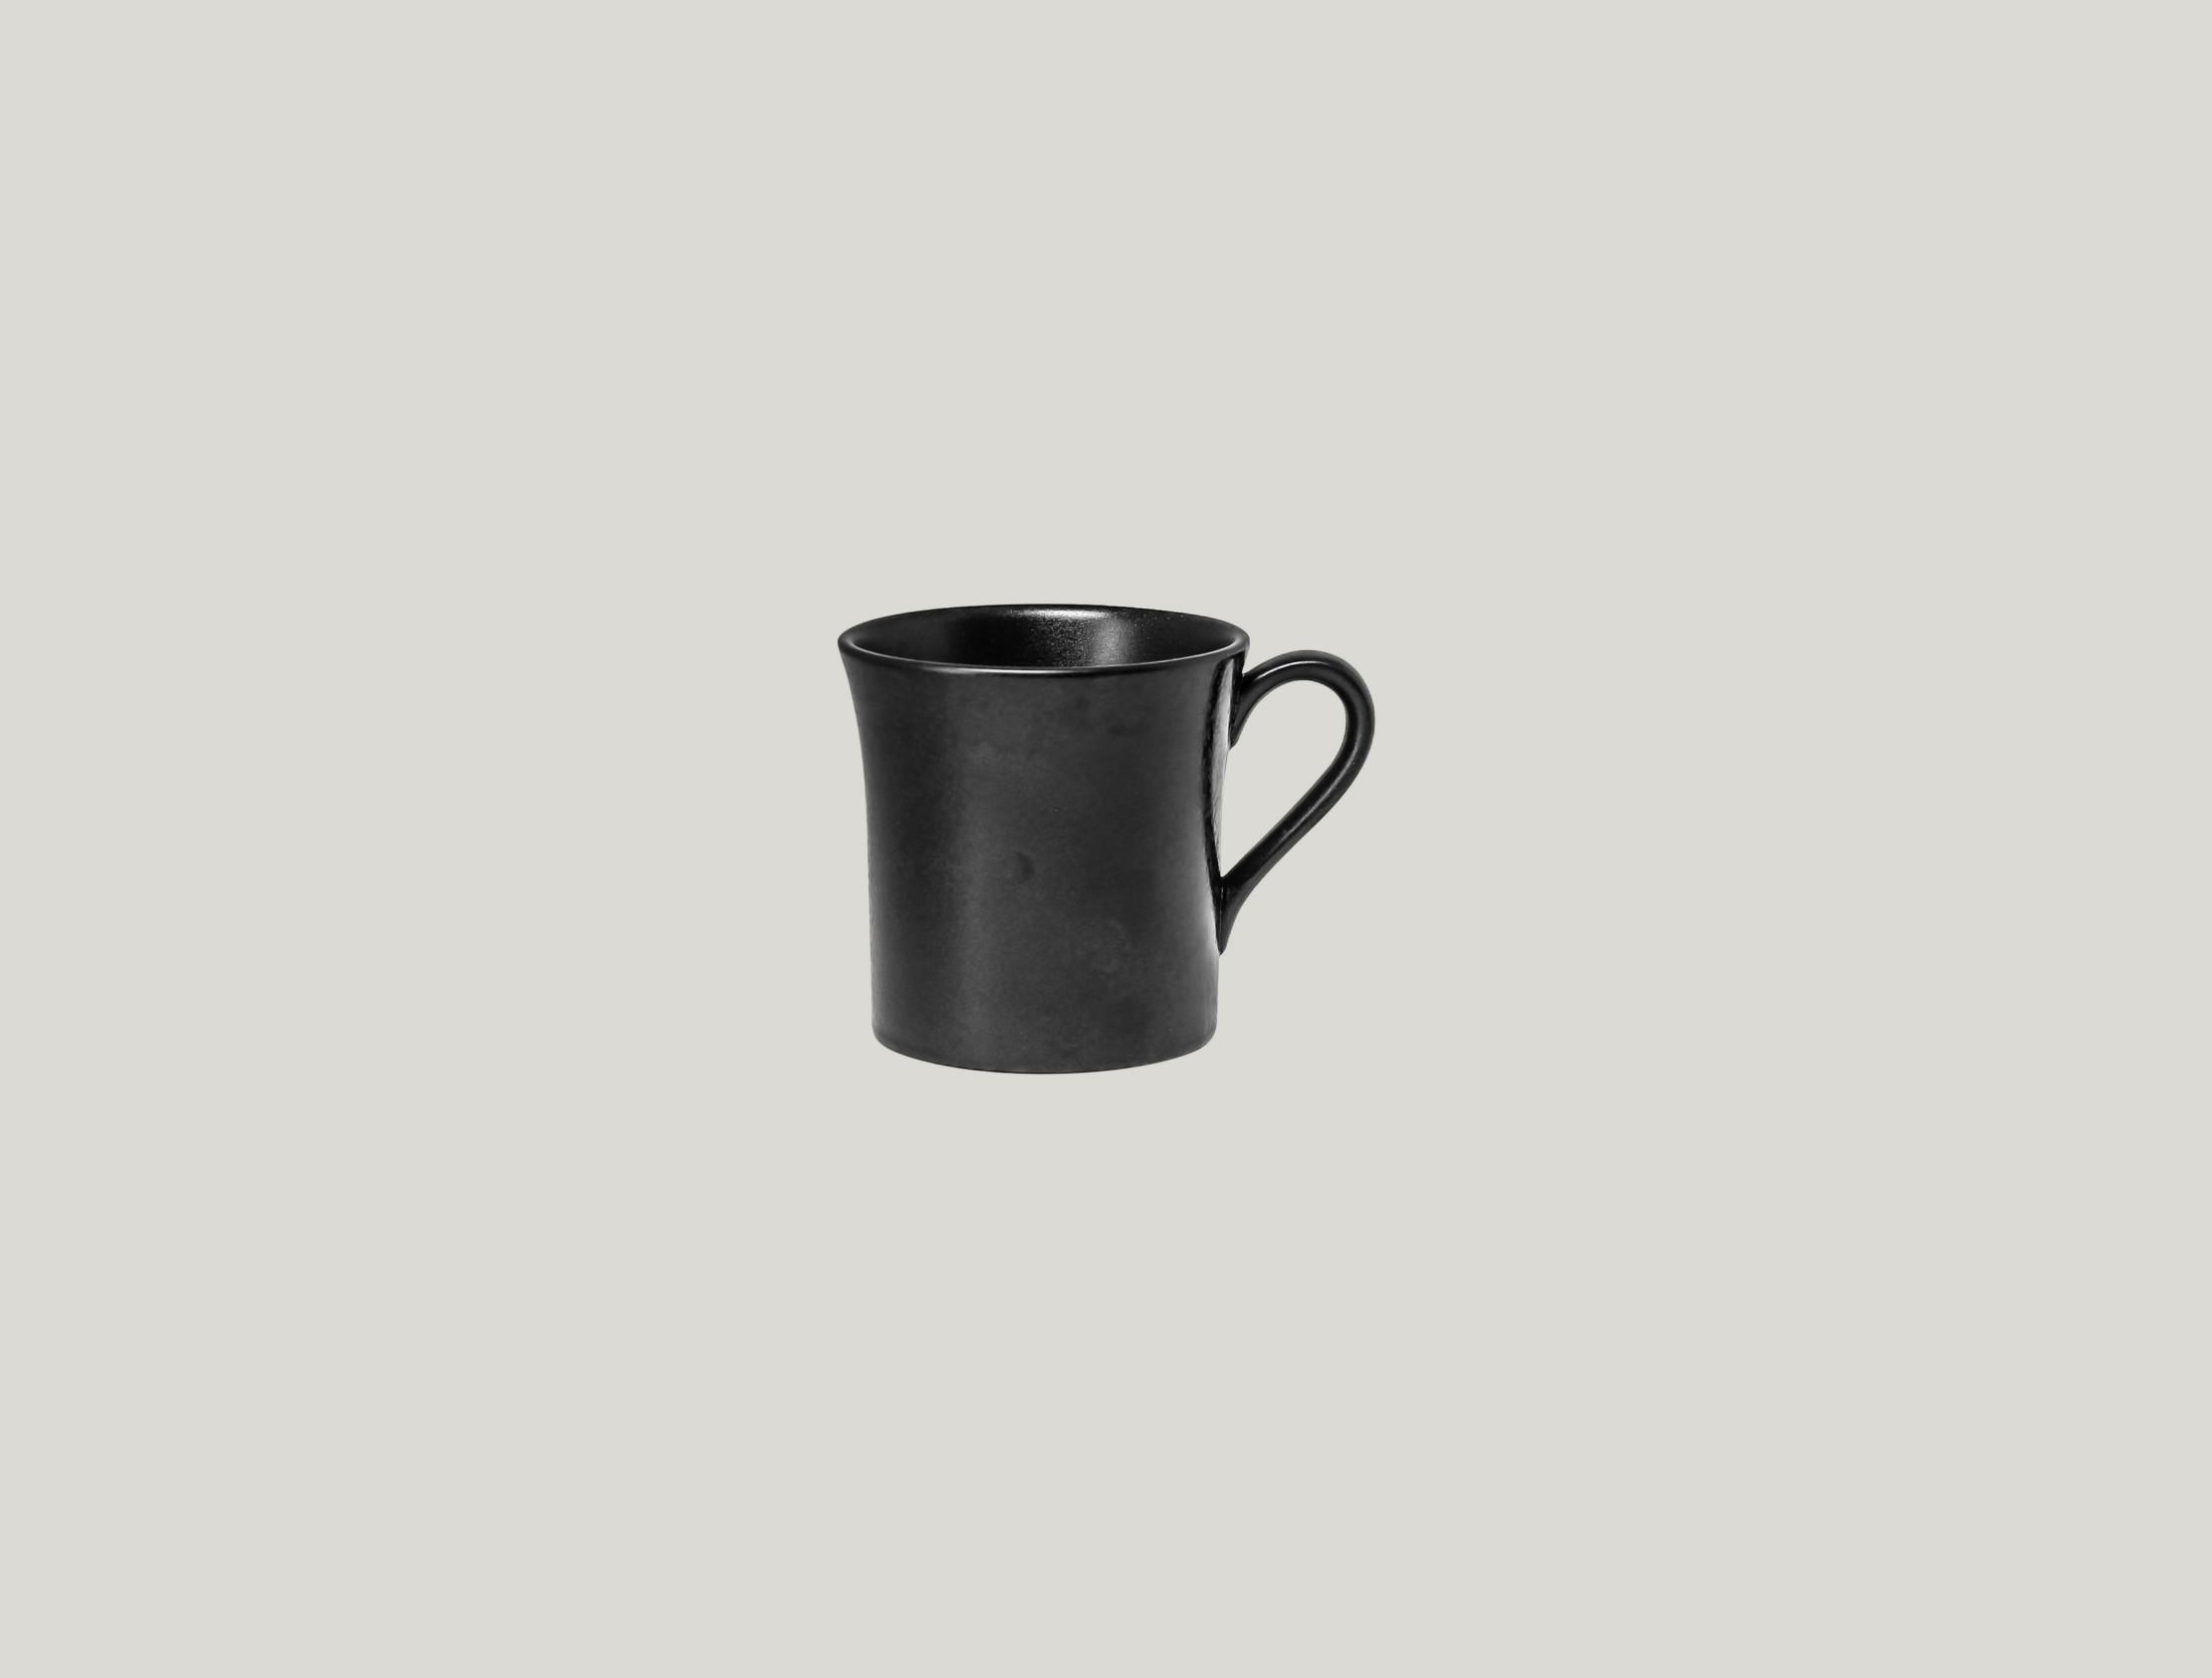 Šálek na kávu 20 cl - černá